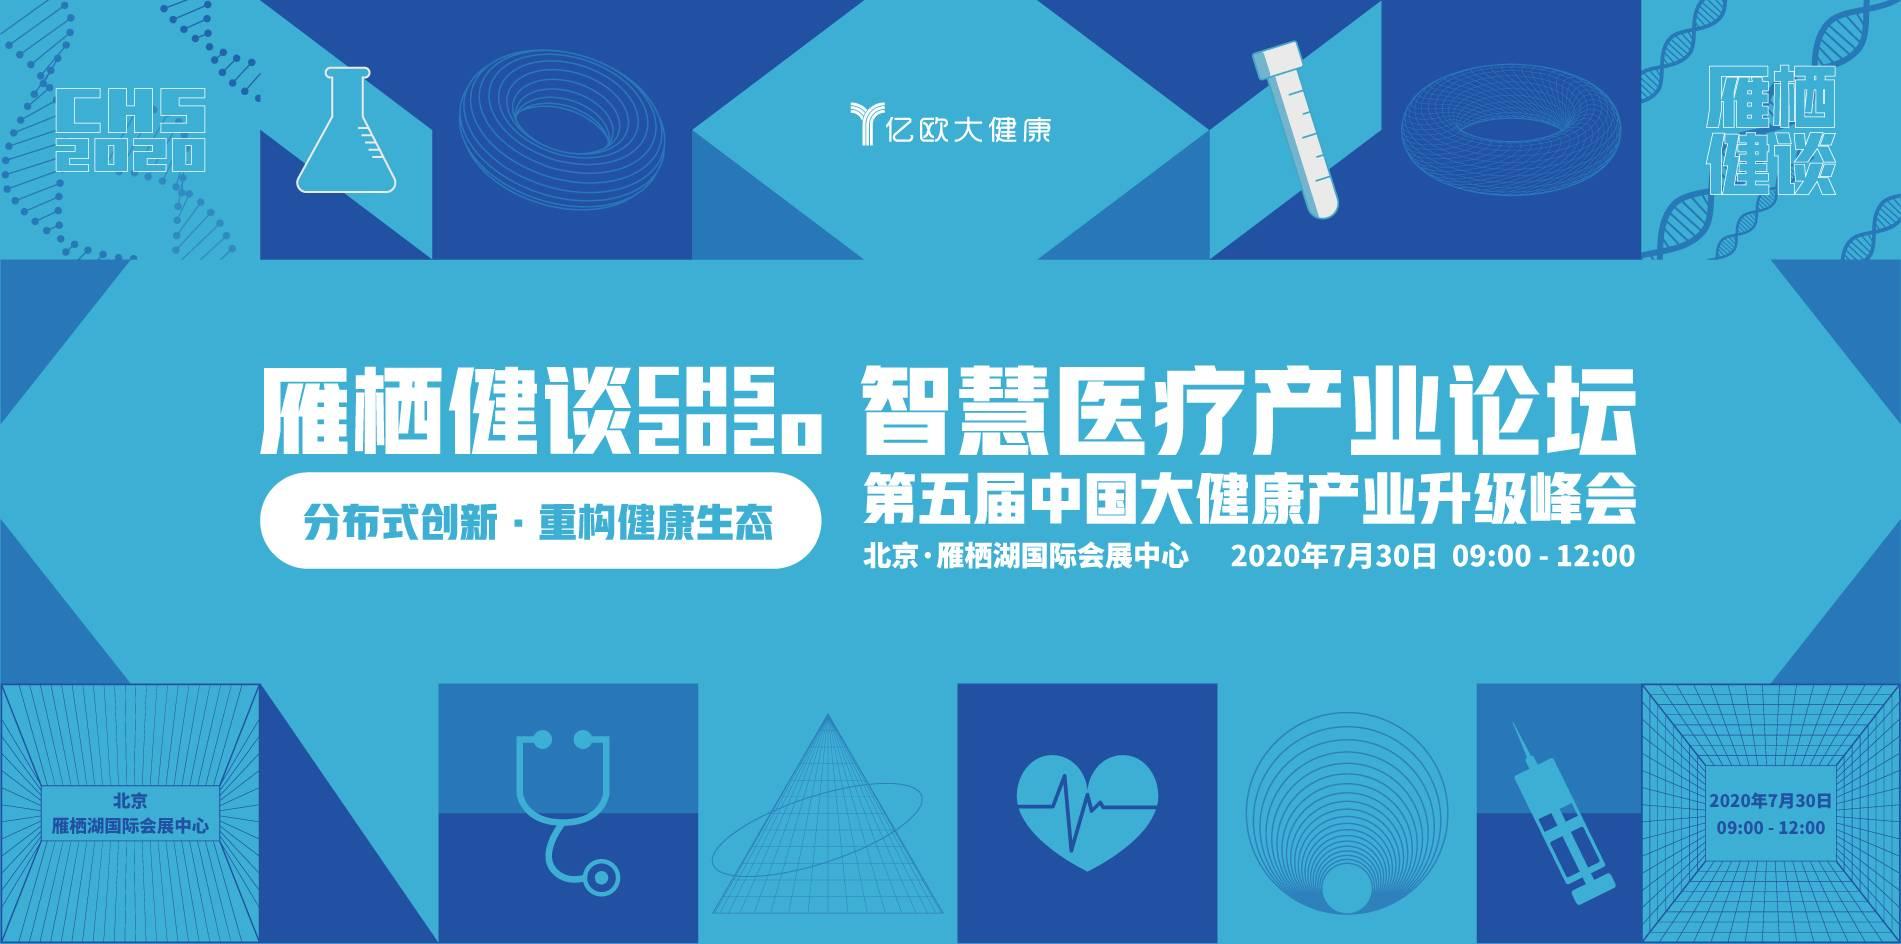 【活动】智慧医疗产业论坛-亿欧